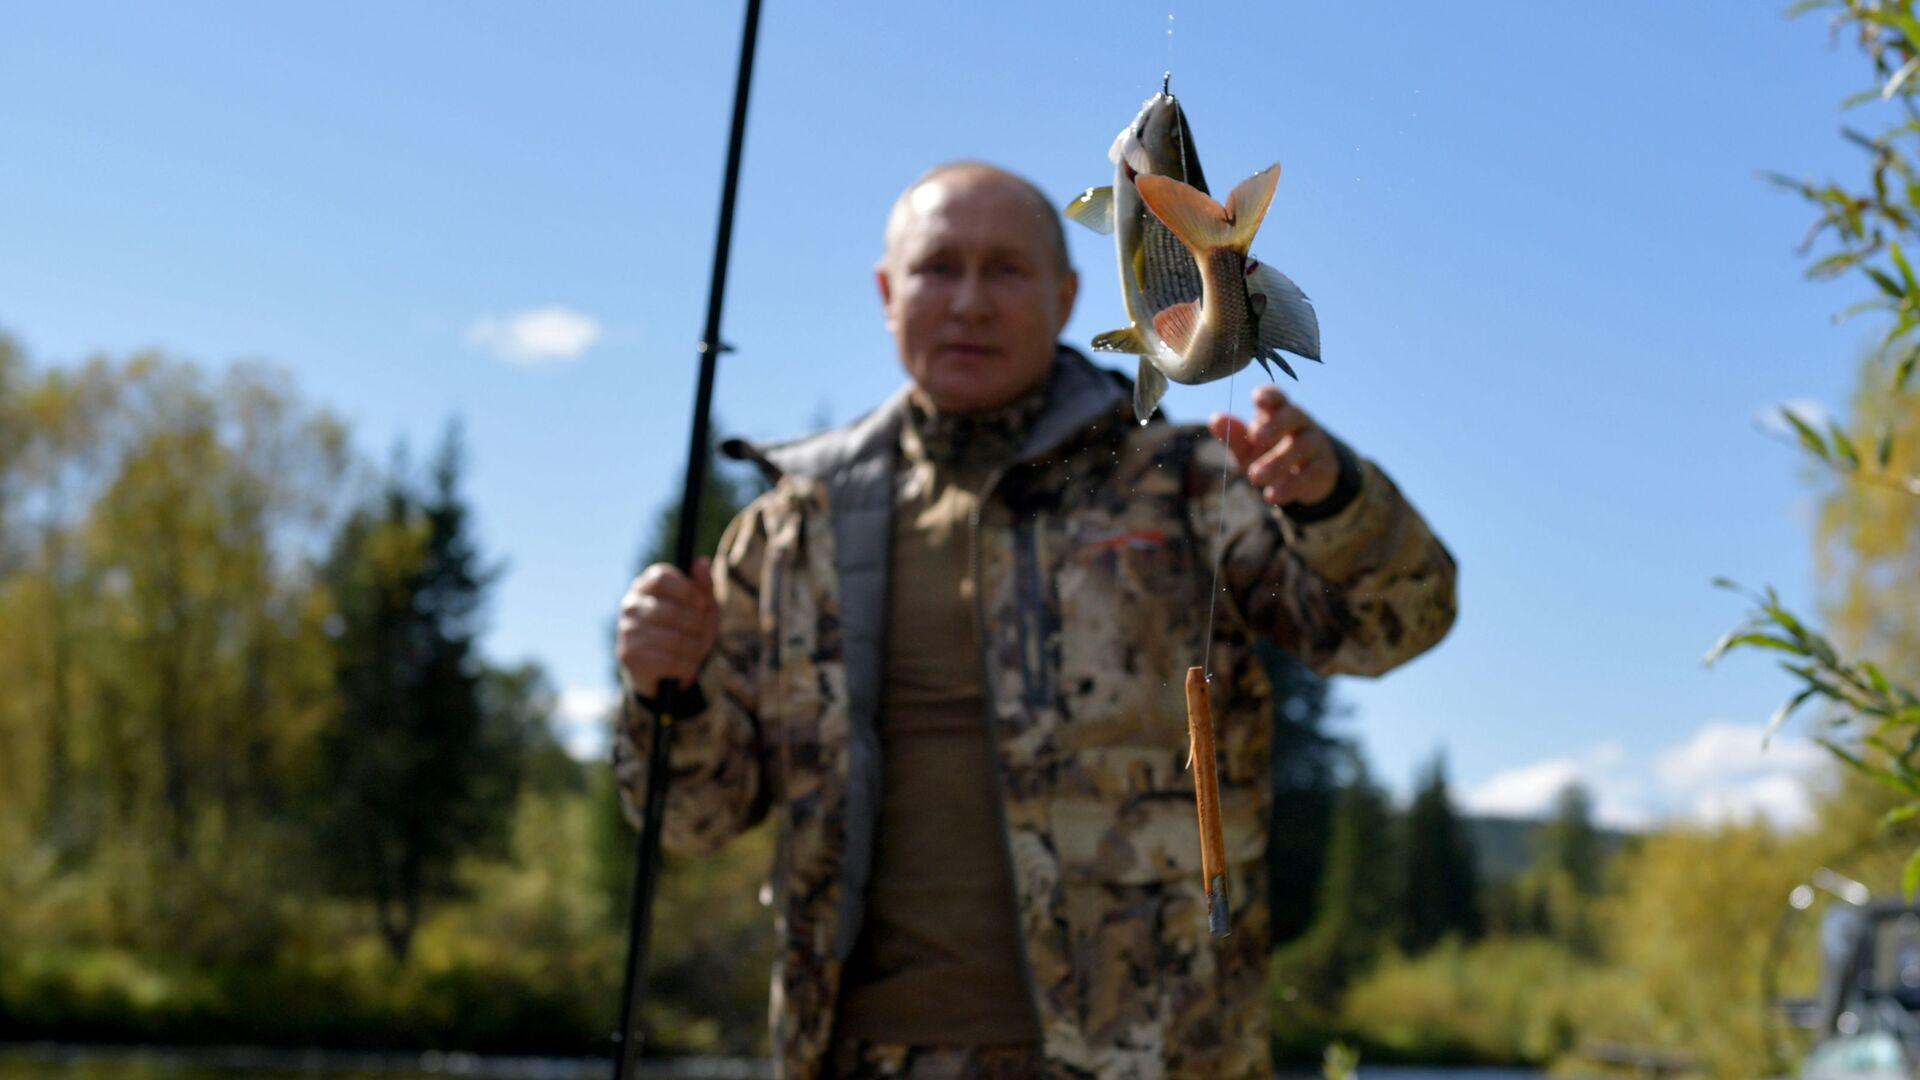 Trong thời gian kỳ nghỉ ở Siberia, Tổng thống Nga Vladimir Putin cùng với Bộ trưởng Quốc phòng Sergei Shoigu đã qua đêm giữa rừng taiga. - Sputnik Việt Nam, 1920, 26.09.2021